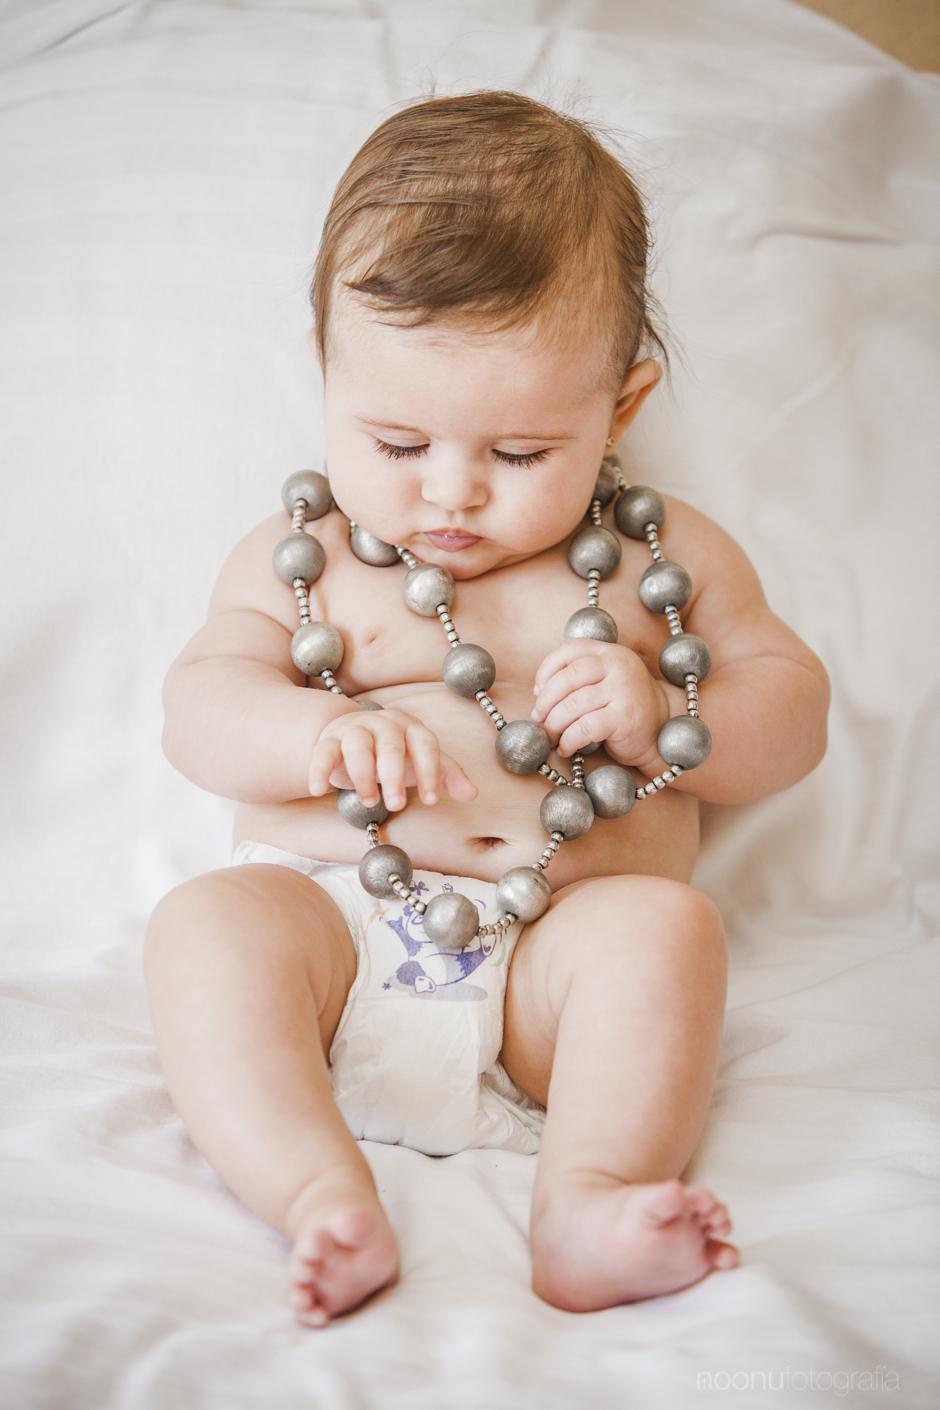 Noonu-fotografos-de-bebes-madrid-alejandra 1-2